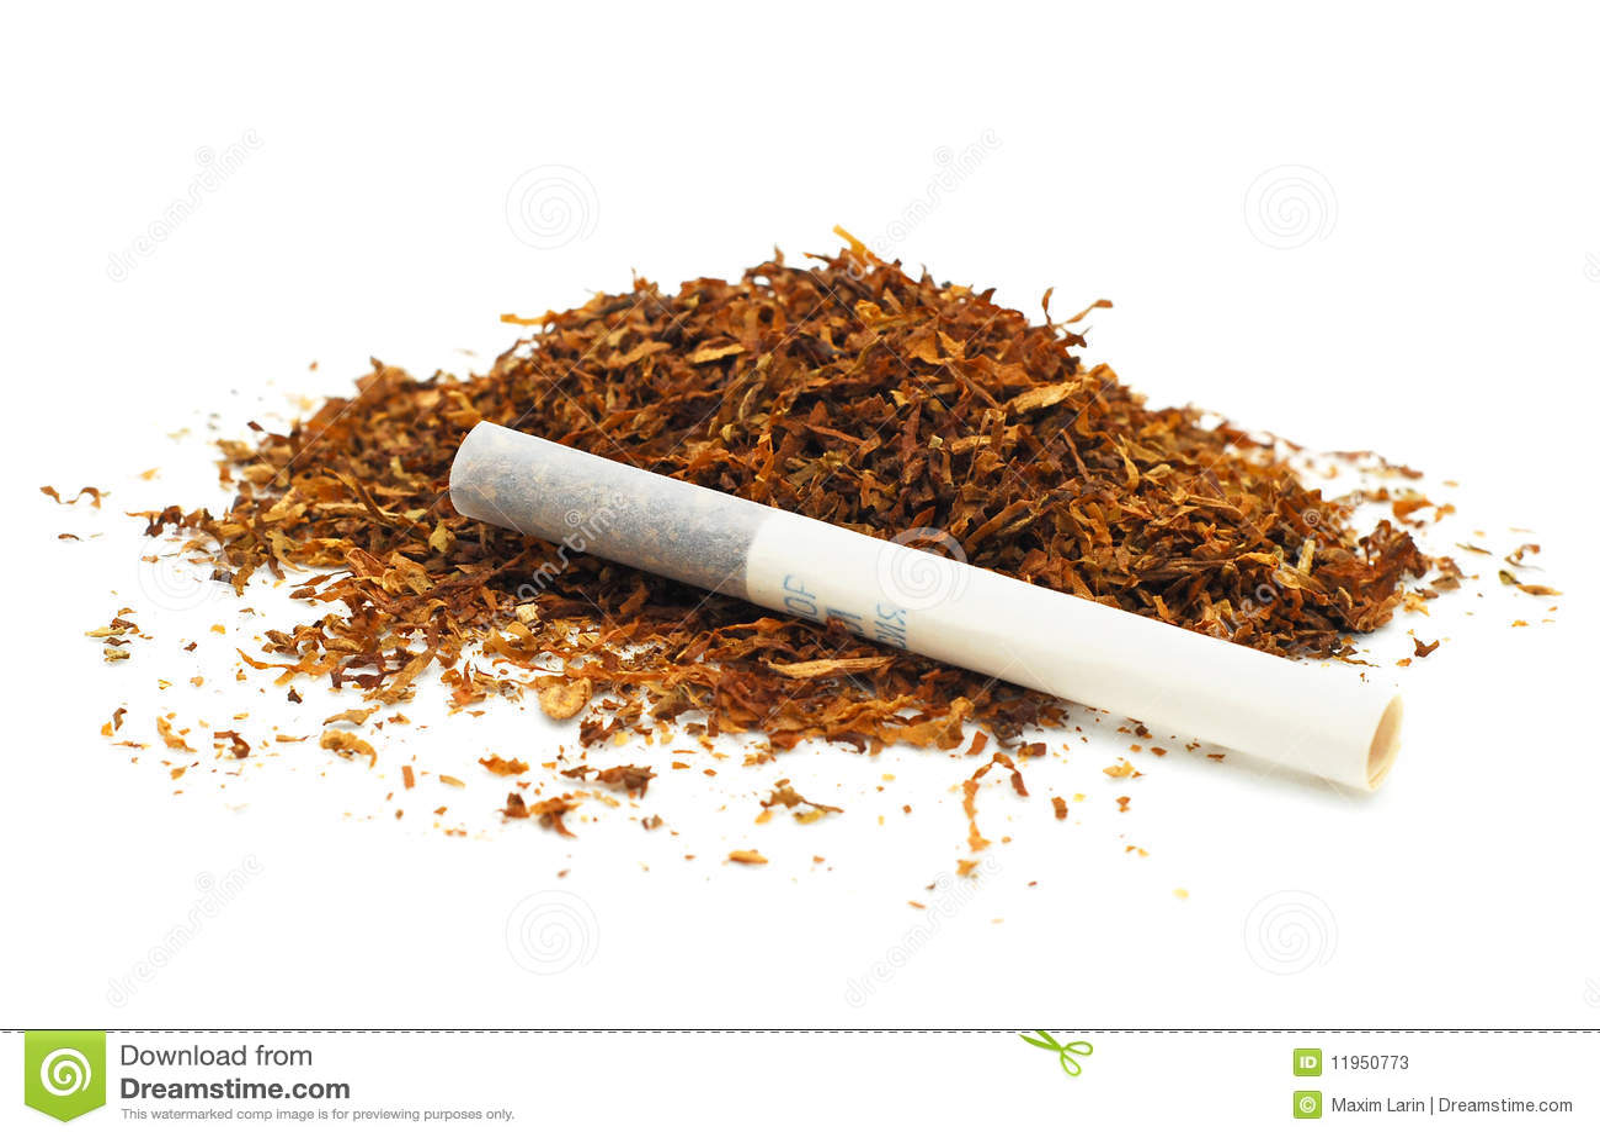 zigarette und tabak stockbild bild von s chtig beendet 11950773. Black Bedroom Furniture Sets. Home Design Ideas